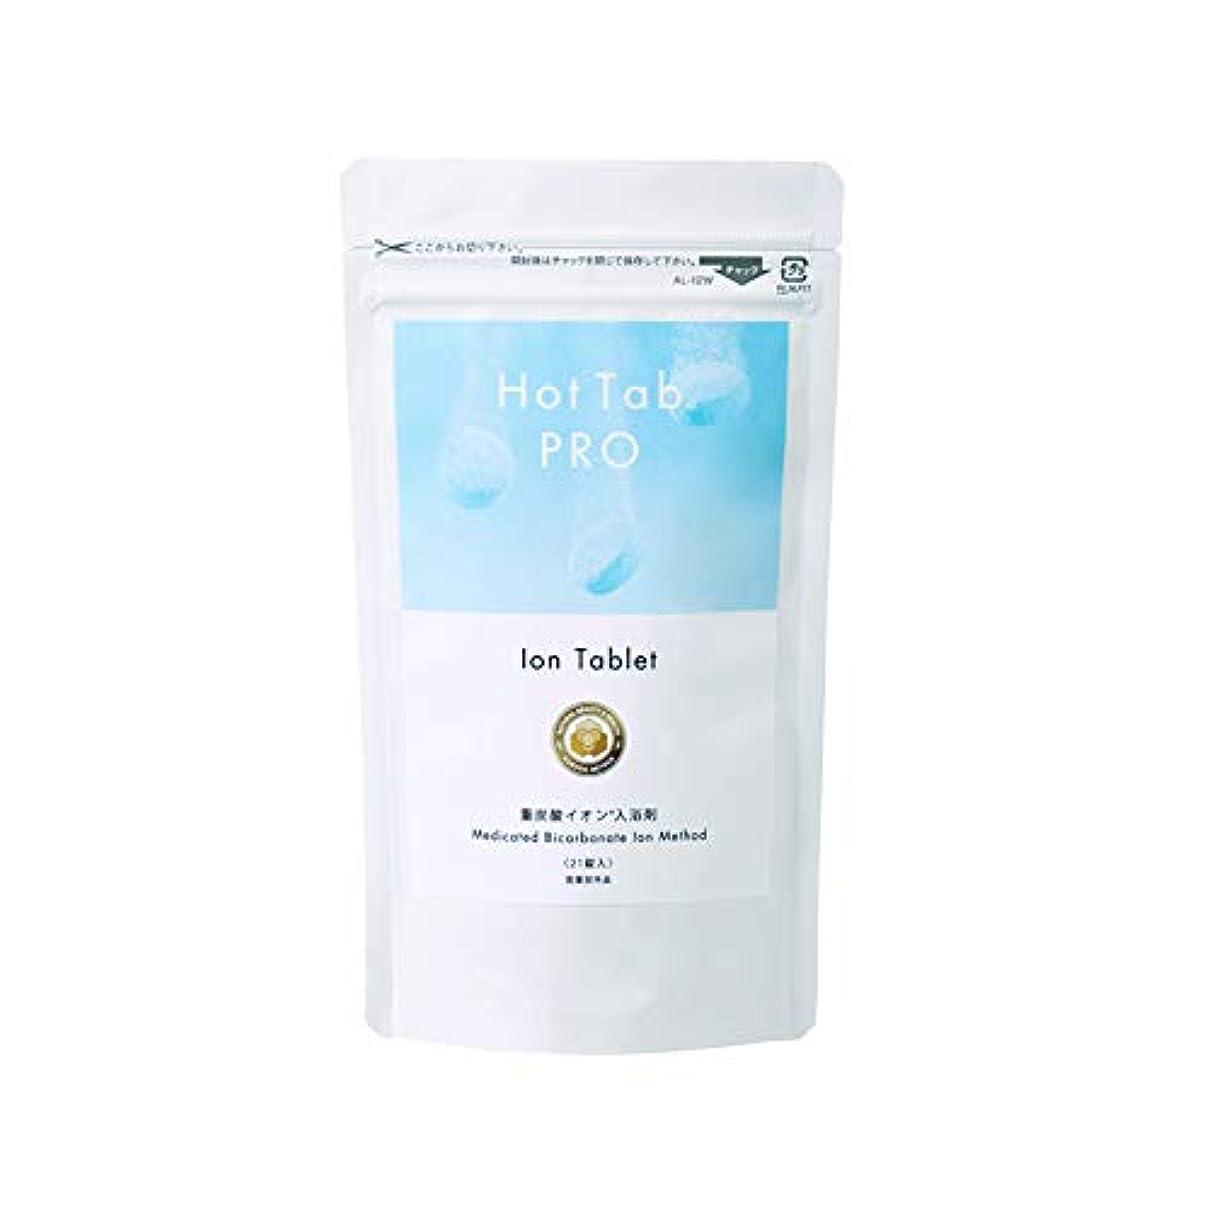 ルーチン姉妹反映する最新型 日本製なめらか重炭酸入浴剤「ホットタブPro」(デリケートな肌でも安心 無香料 無着色 中性pH) (21錠セット)